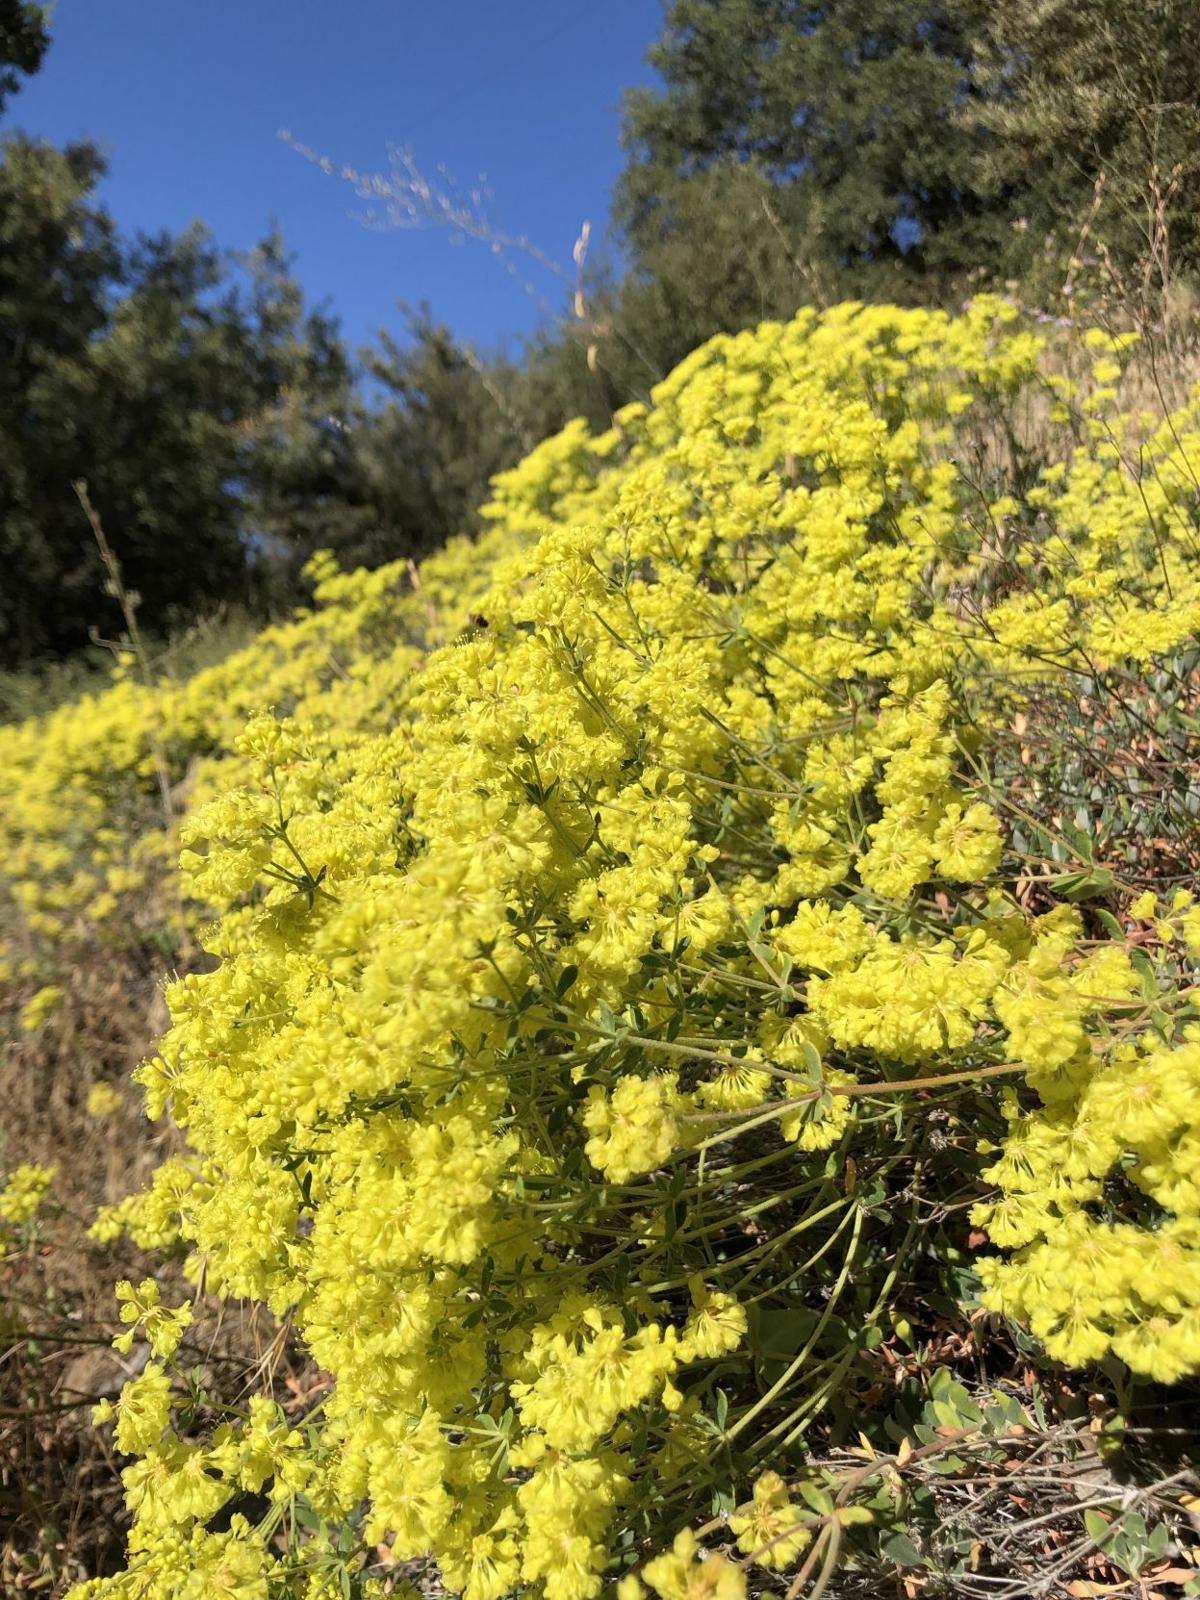 Pen in Hand #1523 - Sulfur Flower Buckwheat 1.jpg